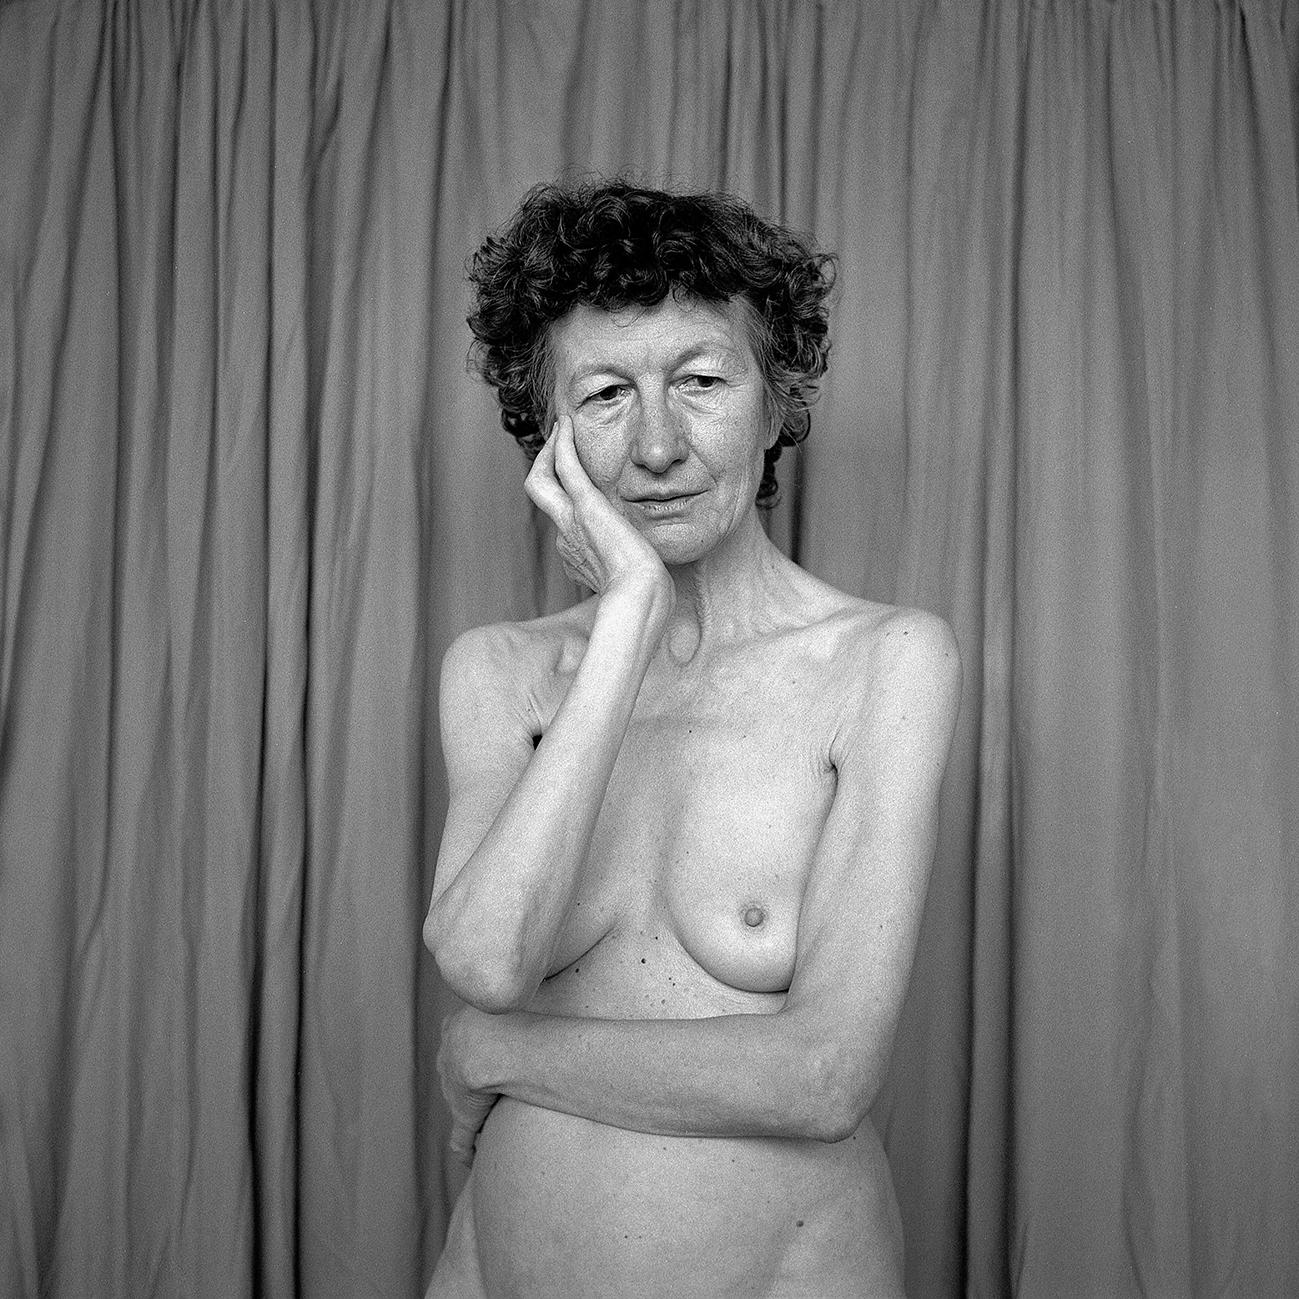 La femminilità in età adulta, corpi di donne come universi da scoprire nelle fotografie di Clélia Odette